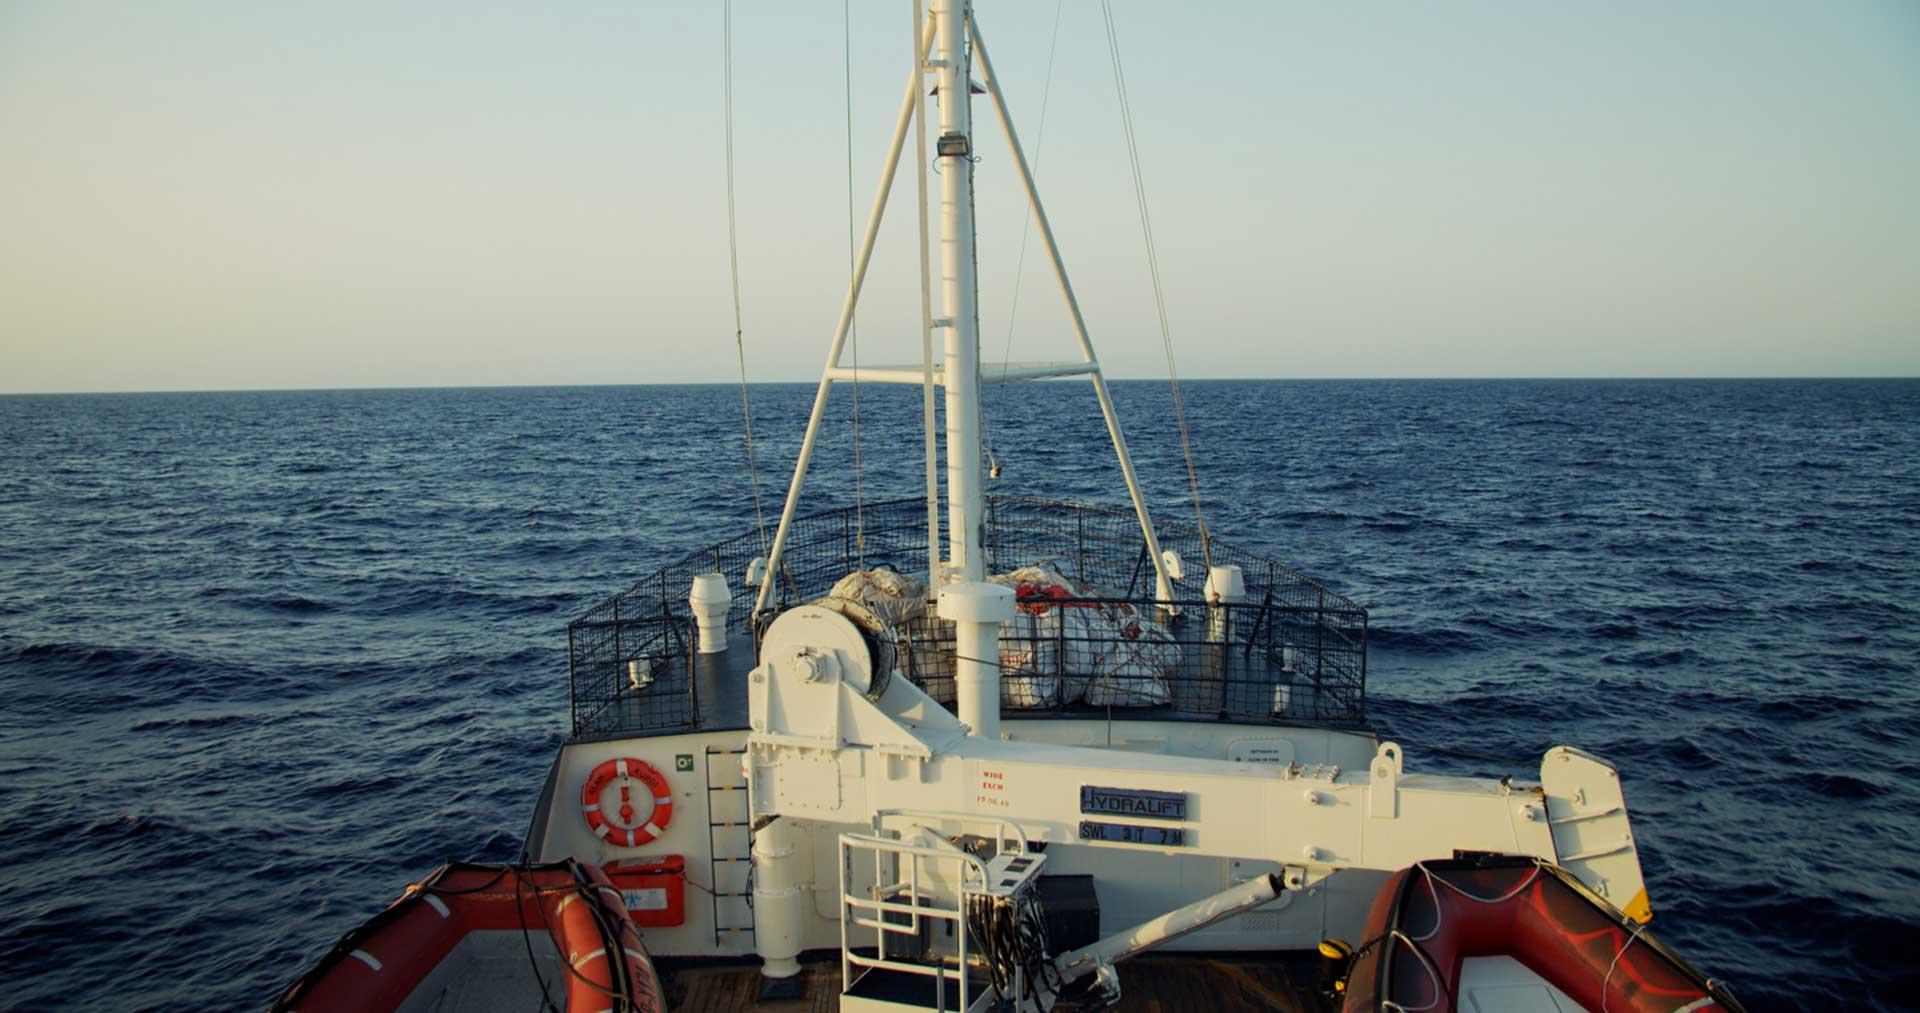 Seenotrettungschiff Alan Krudi fährt auf dem Mittelmeer